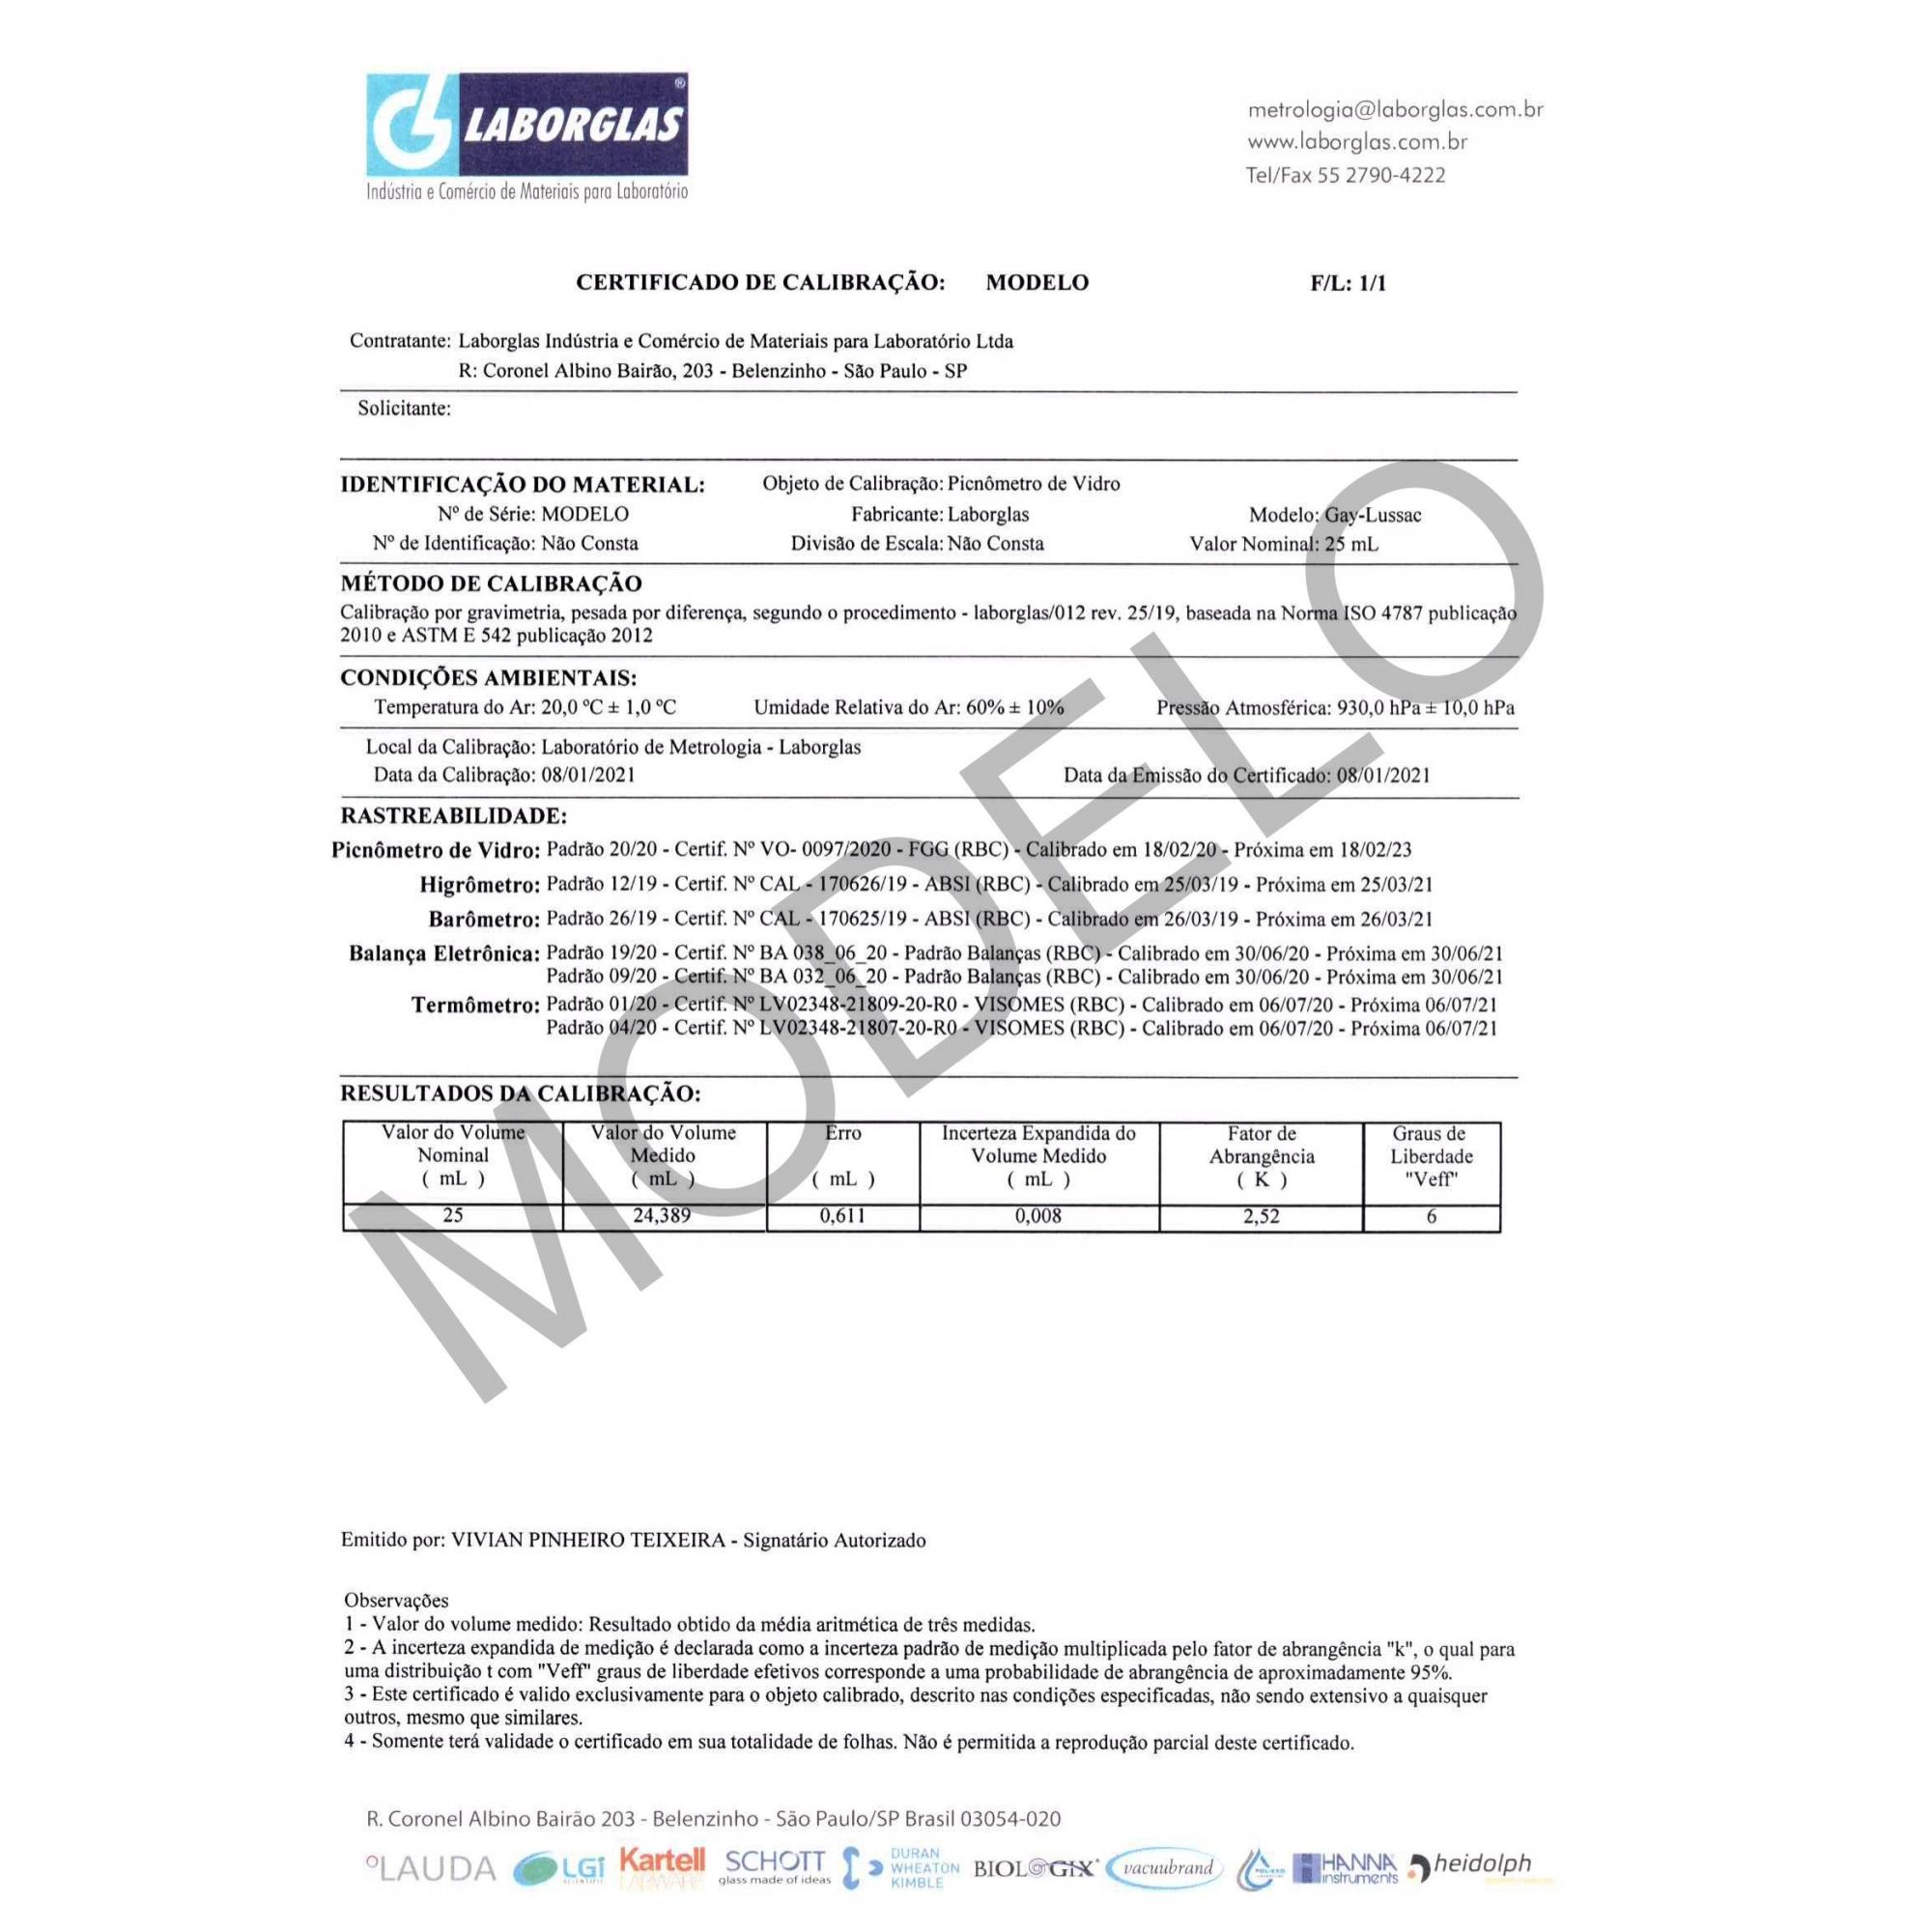 PICNÔMETRO GAY-LUSSAC COM SAÍDA LATERAL COM TERMÔMETRO 25 ML E CERTIFICADO RASTREÁVEL - Laborglas - Cód. 9491214-C